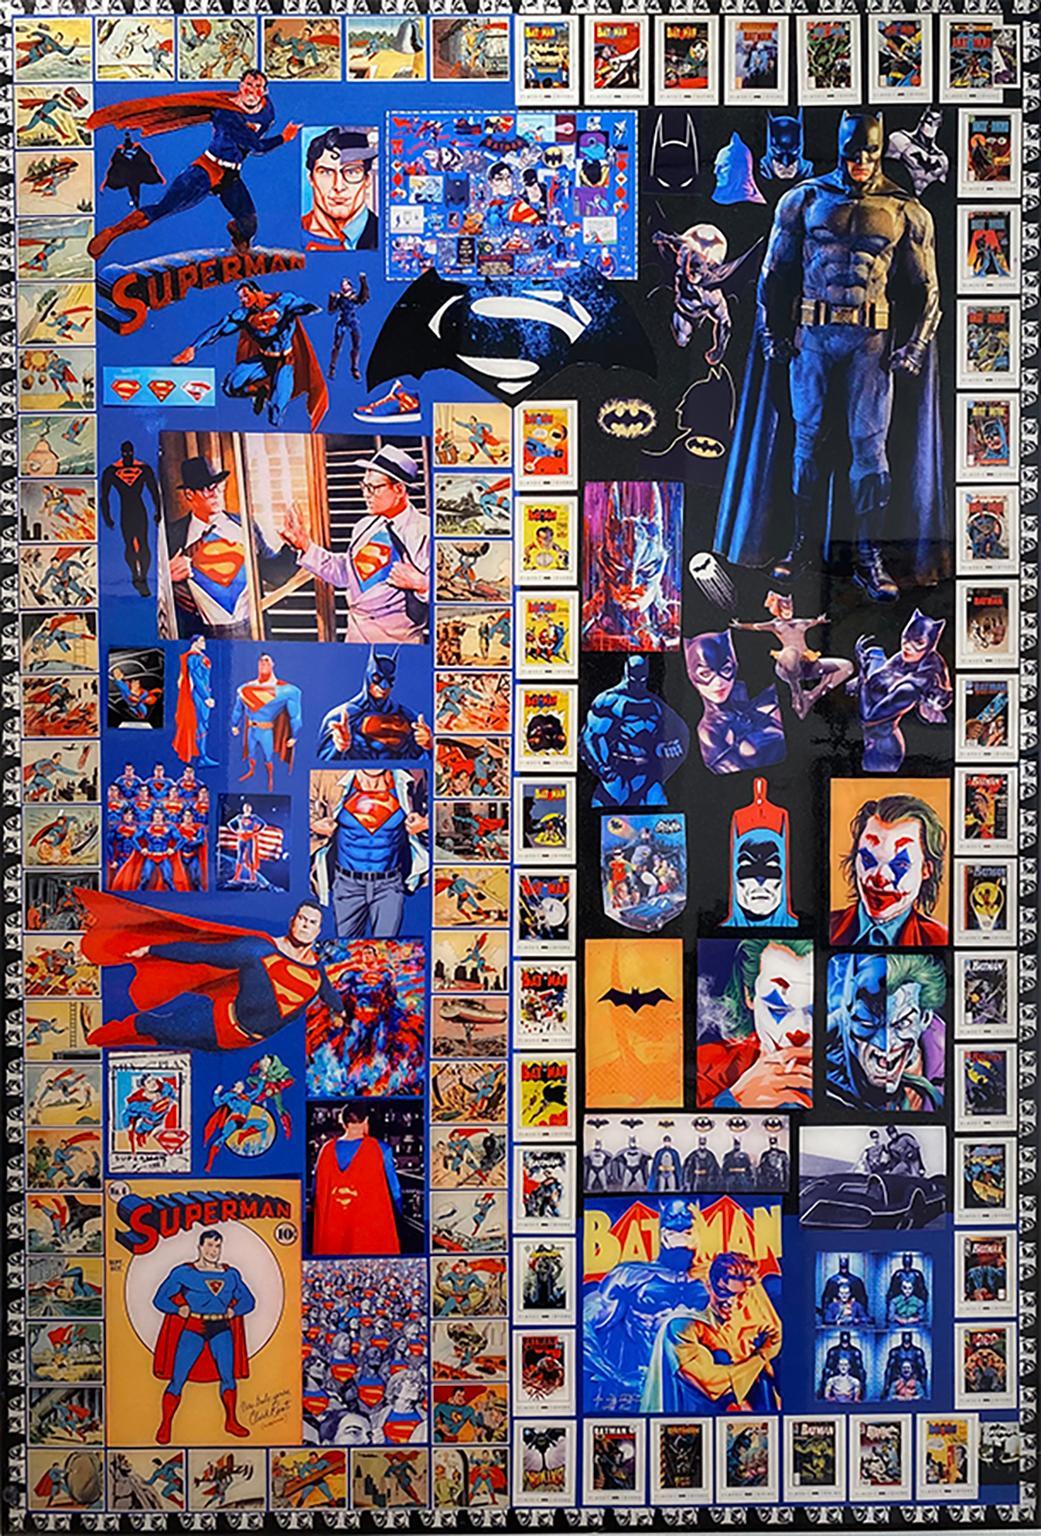 Superman and Batman by DJ Leon, Digital C Print, 44.5 x 30.5 in